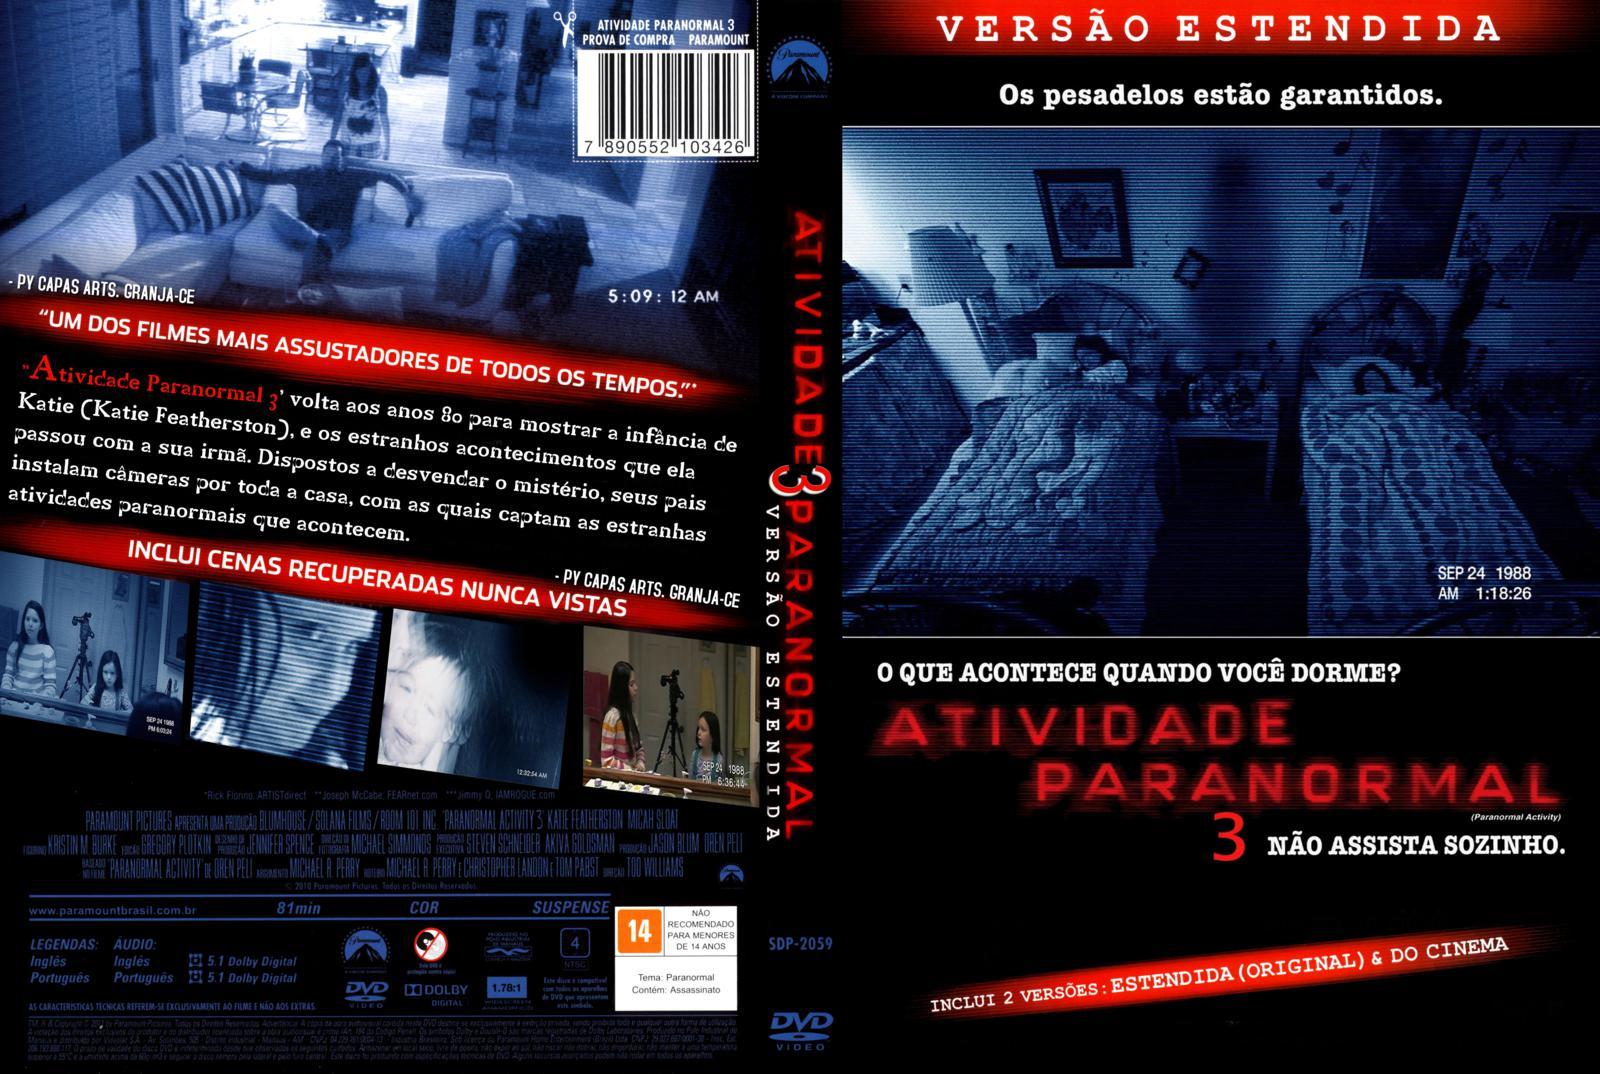 ATIVIDADE PARANORMAL 3 (2011) - DOWNLOAD - TUDO SOBRE SEU FILME